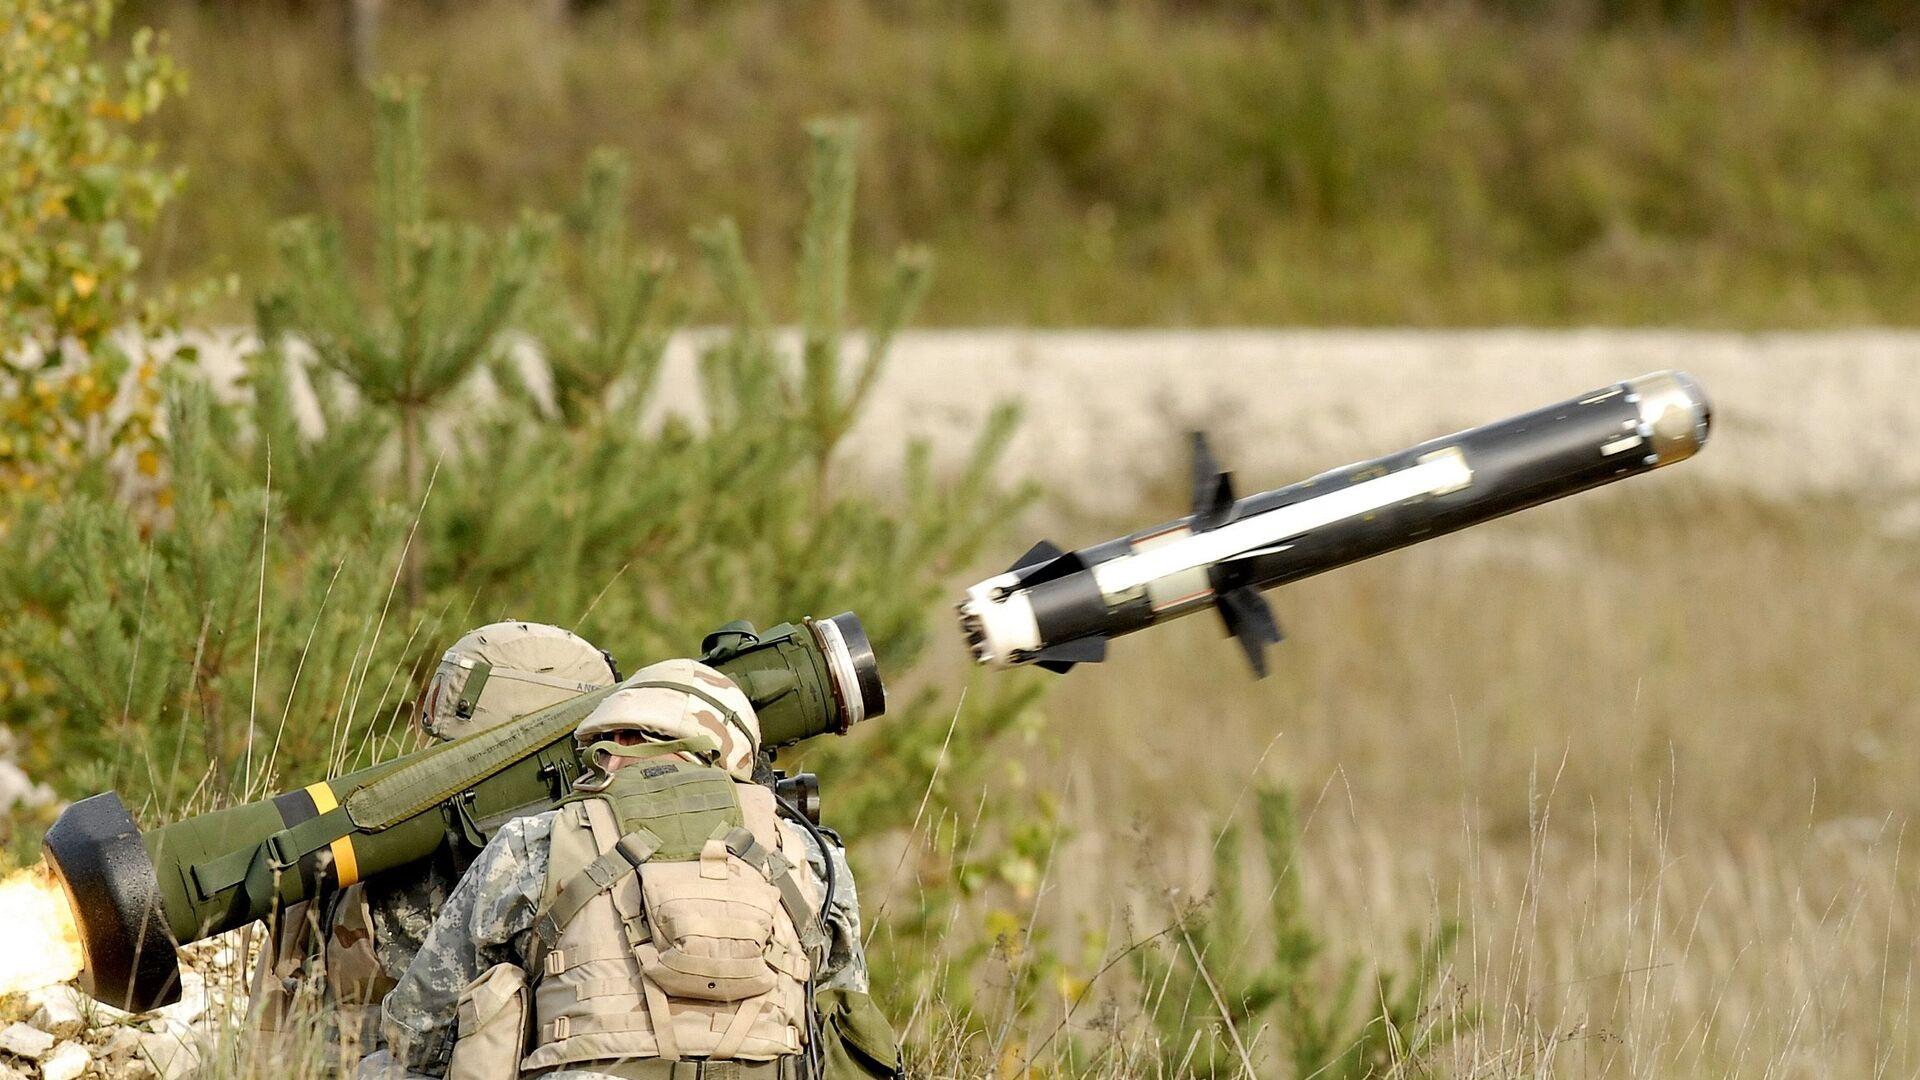 Američtí vojáci pálí z přenosného protitankového raketového kompletu FGM-148 Javelin - Sputnik Česká republika, 1920, 17.06.2021